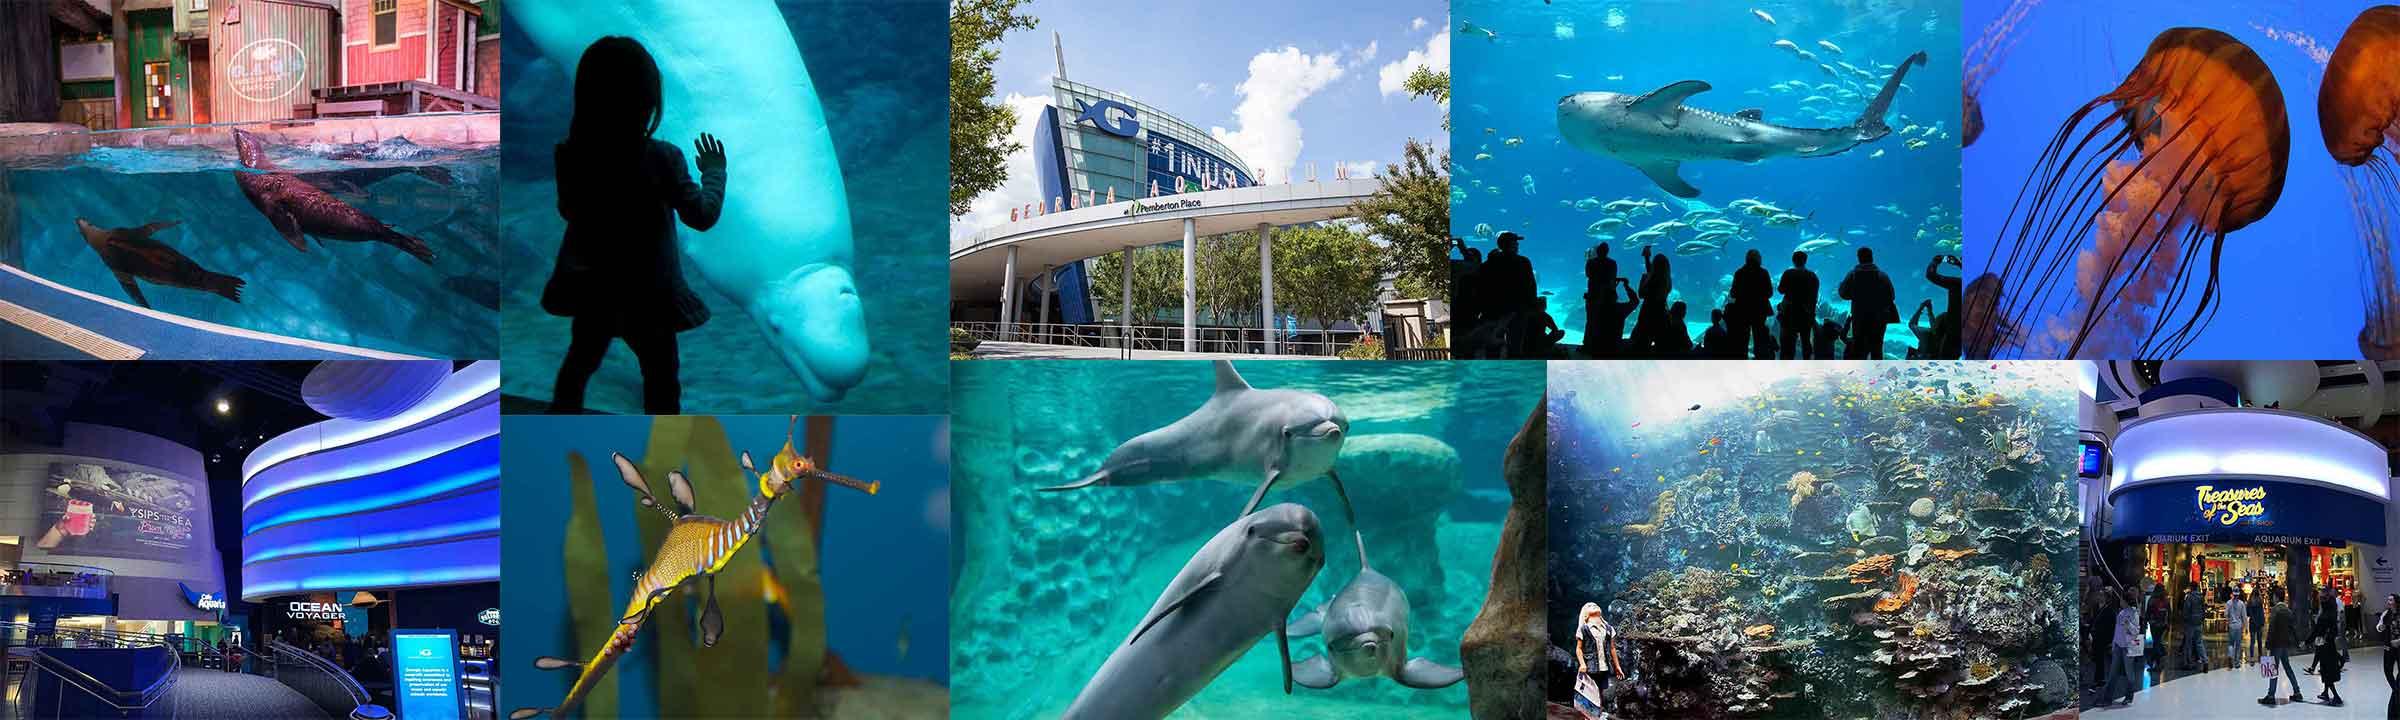 indoor oceans georgia aquarium is world s largest tropical travel